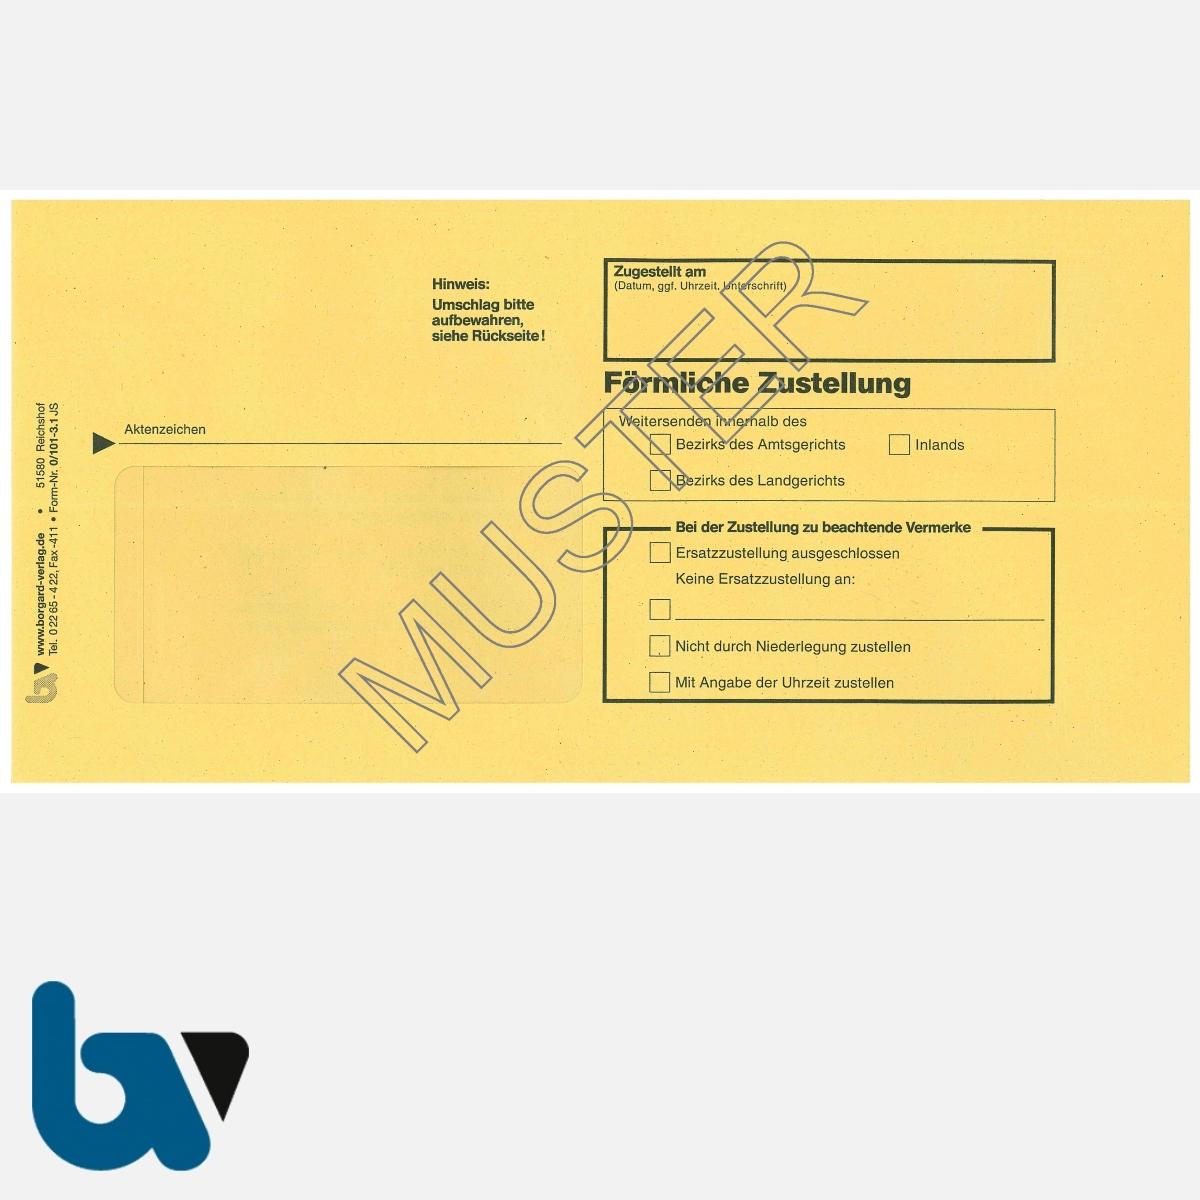 0/101-3.1 Förrmliche Zustellung - Innerer Umschlag, DIN lang, mit Fenster, nassklebend, gummiert, Vorderseite | Borgard Verlag GmbH